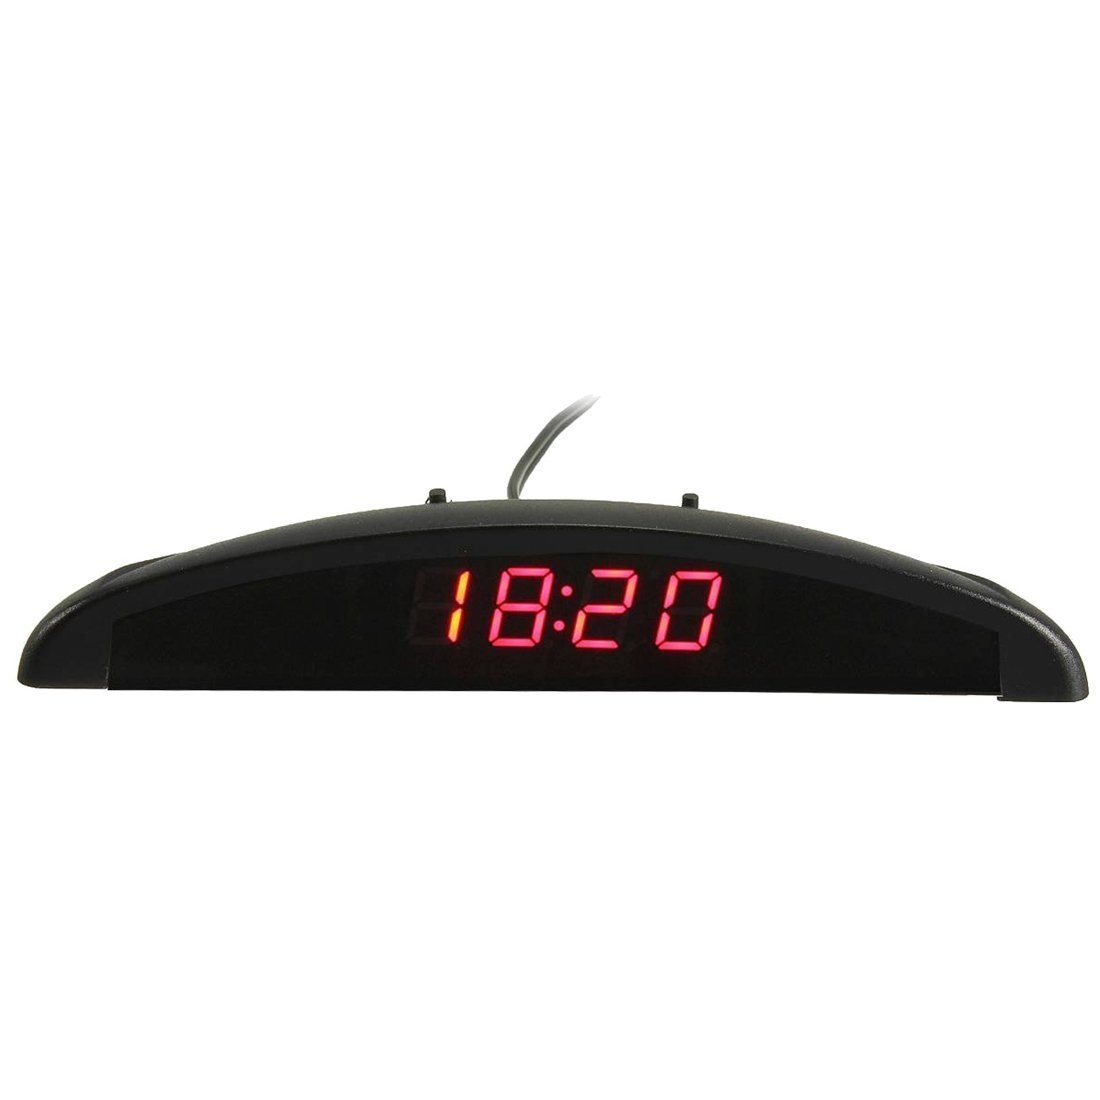 TOOGOO 3-en-1 voltmetre de numerique LED de tension 12 V de voiture montre thermometre de temperature bleu